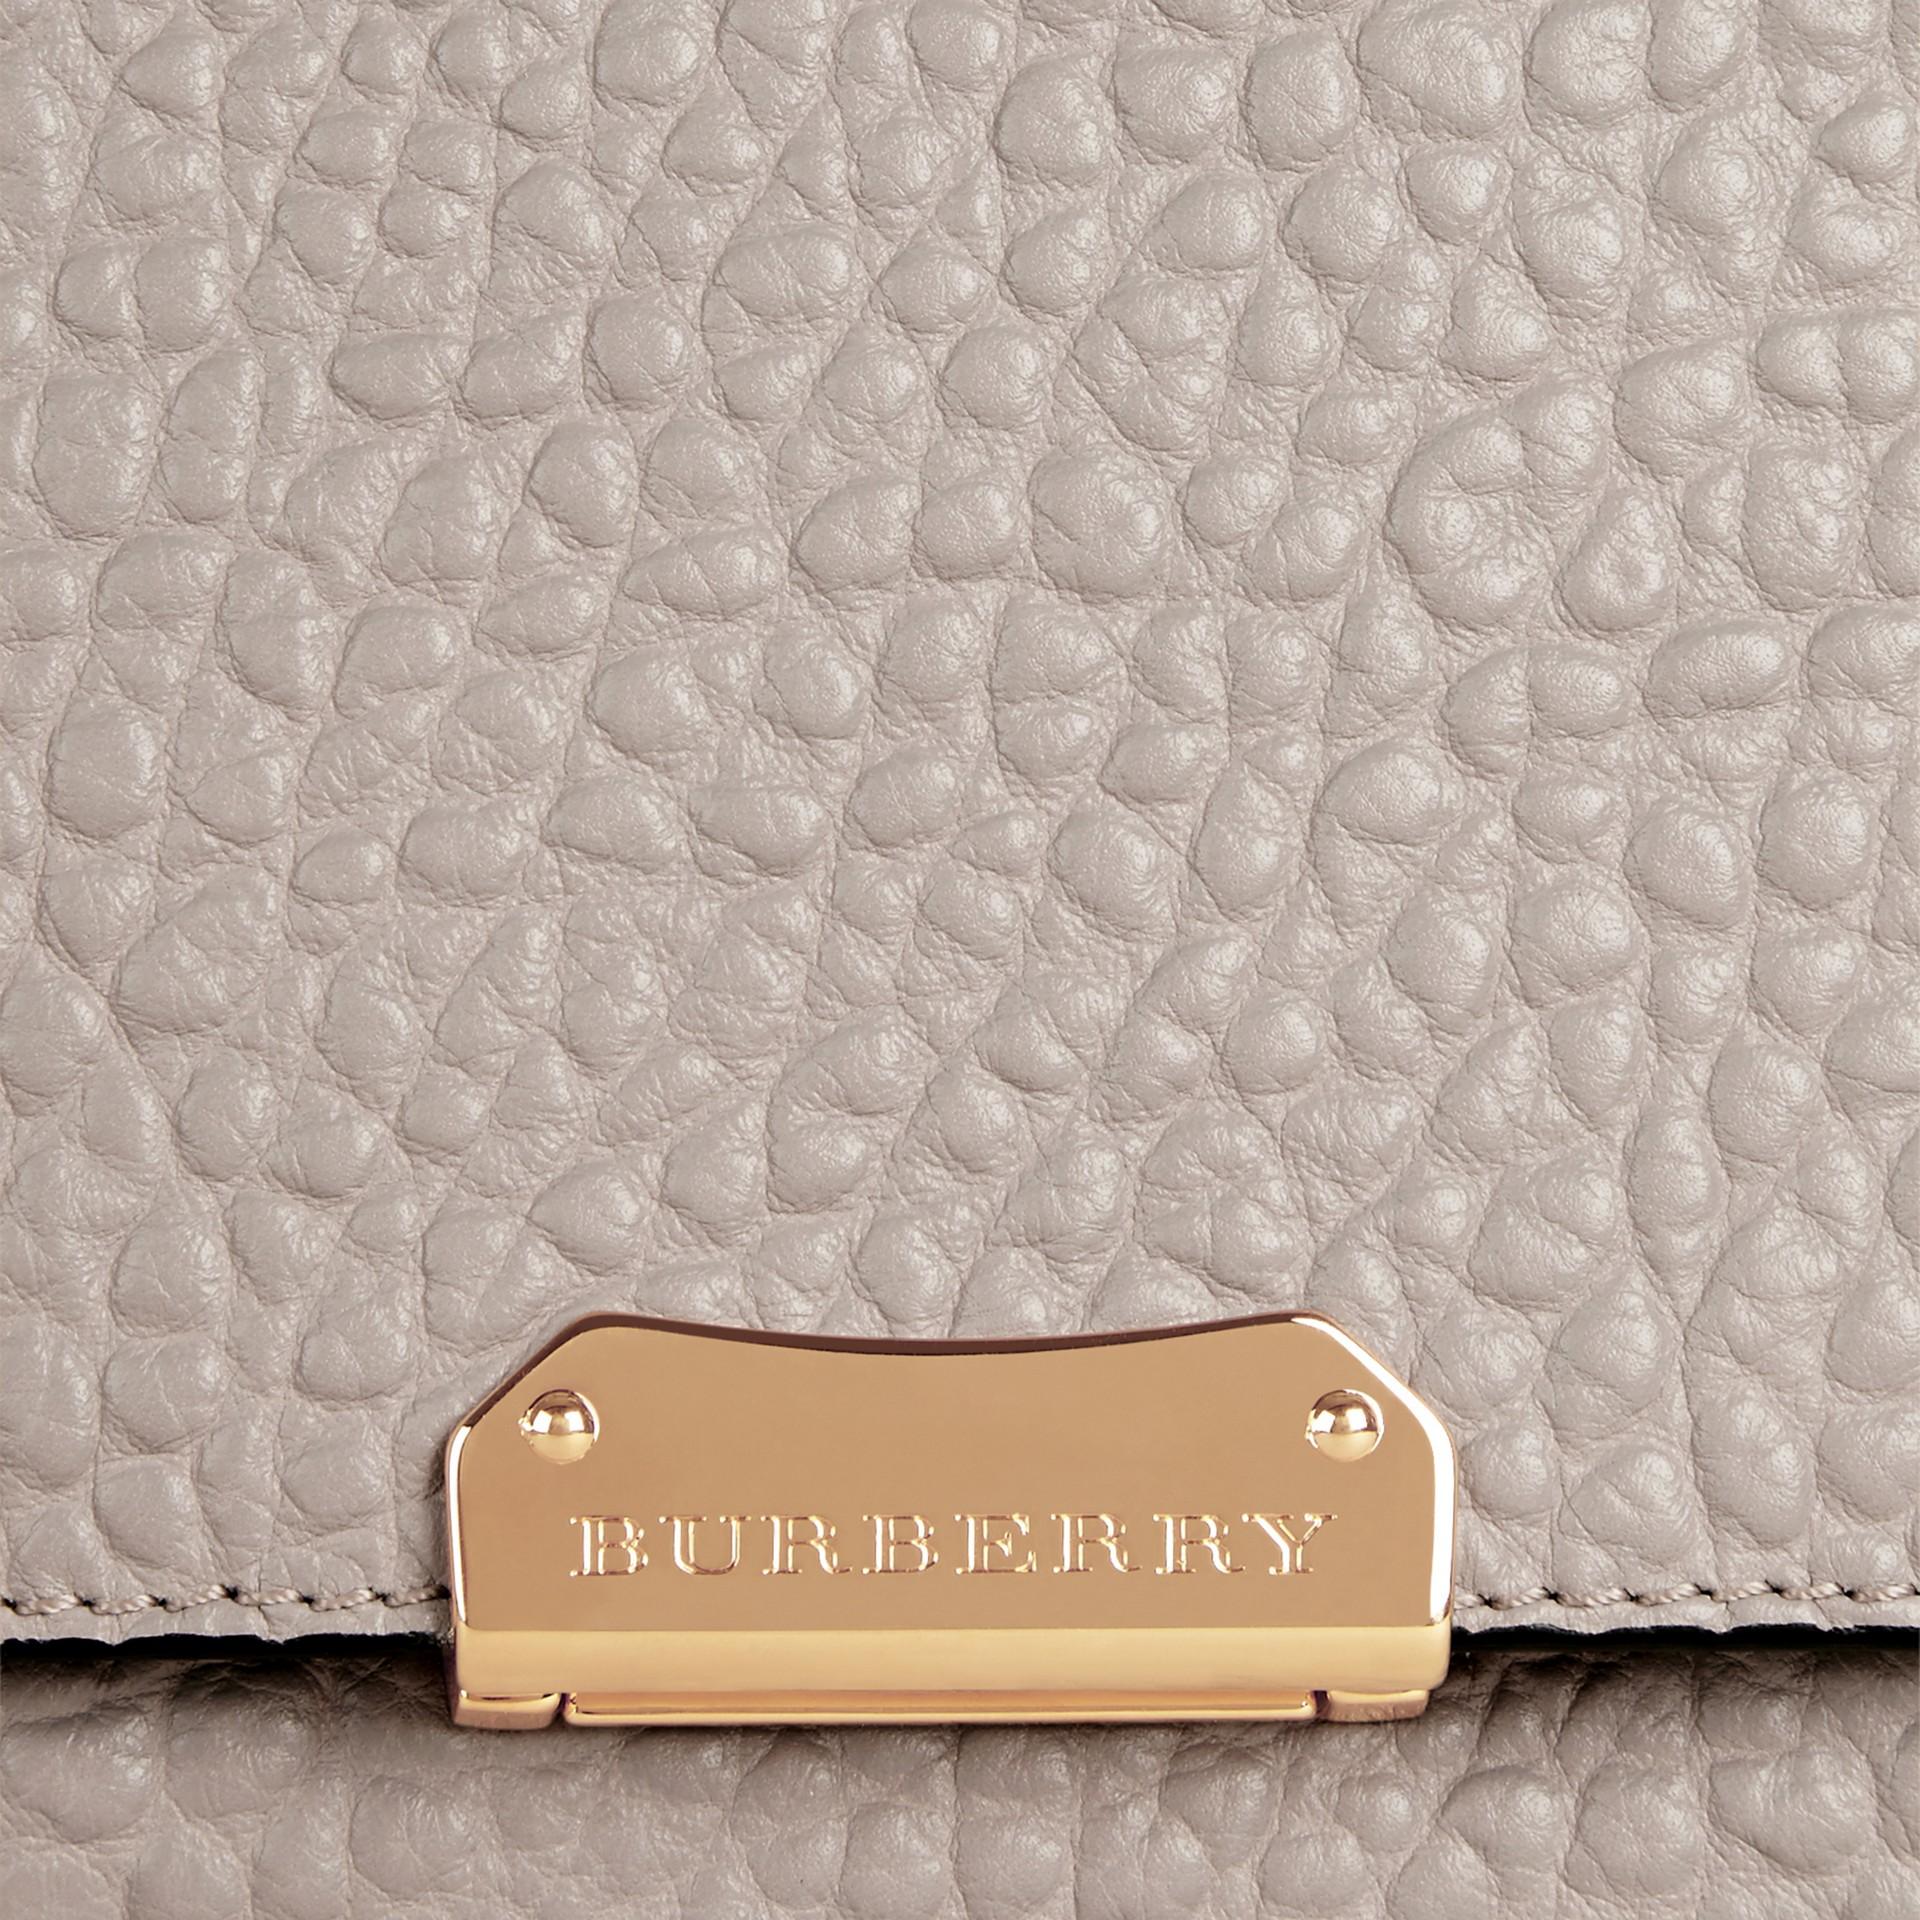 Бледно-серый Большая сумка через плечо из зернистой кожи в стиле Burberry Бледно-серый - изображение 2